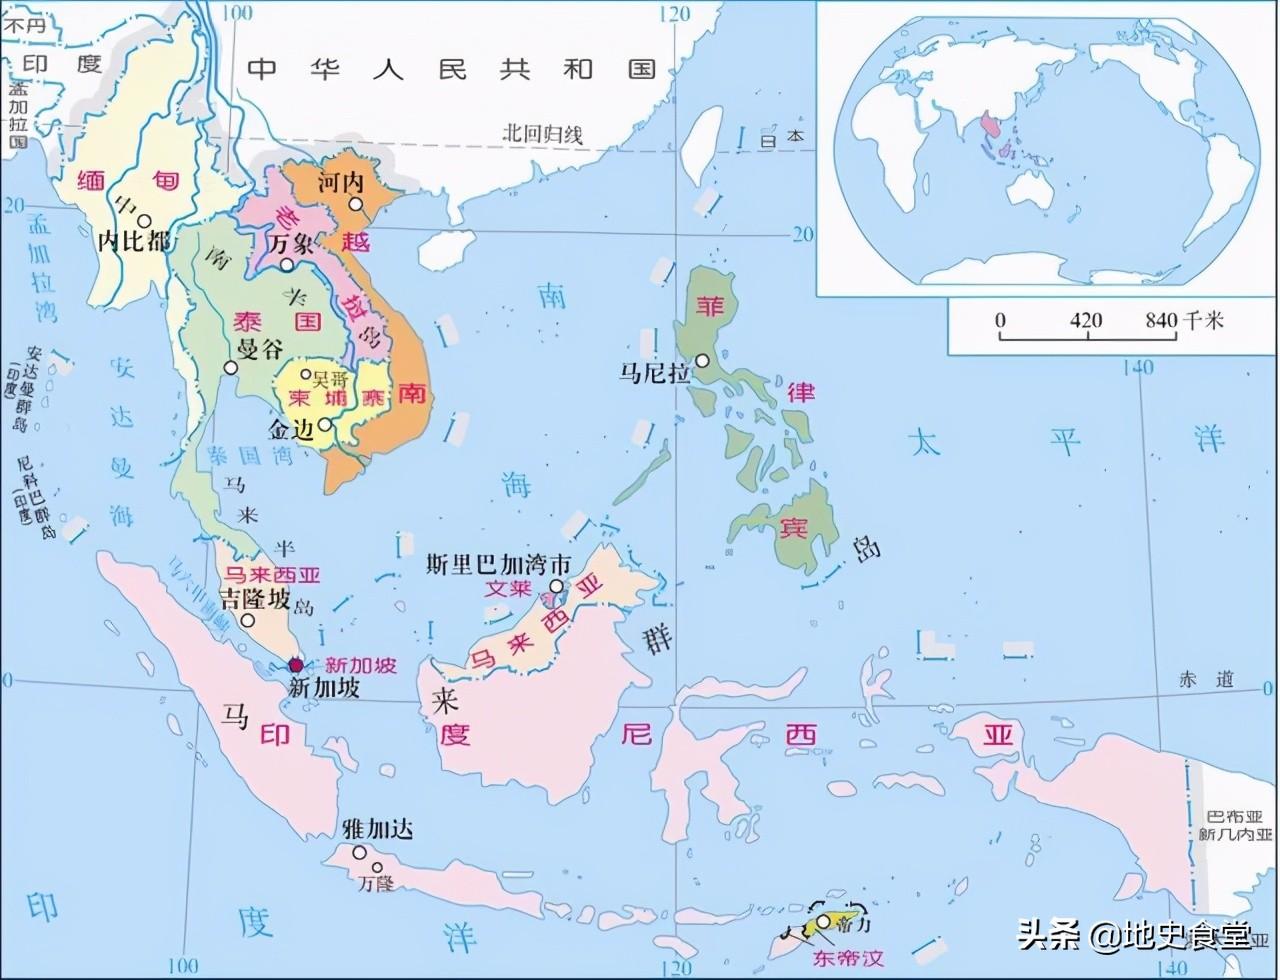 圣诞岛,一座以华人为主体的岛屿,为何成为了澳大利亚国土?